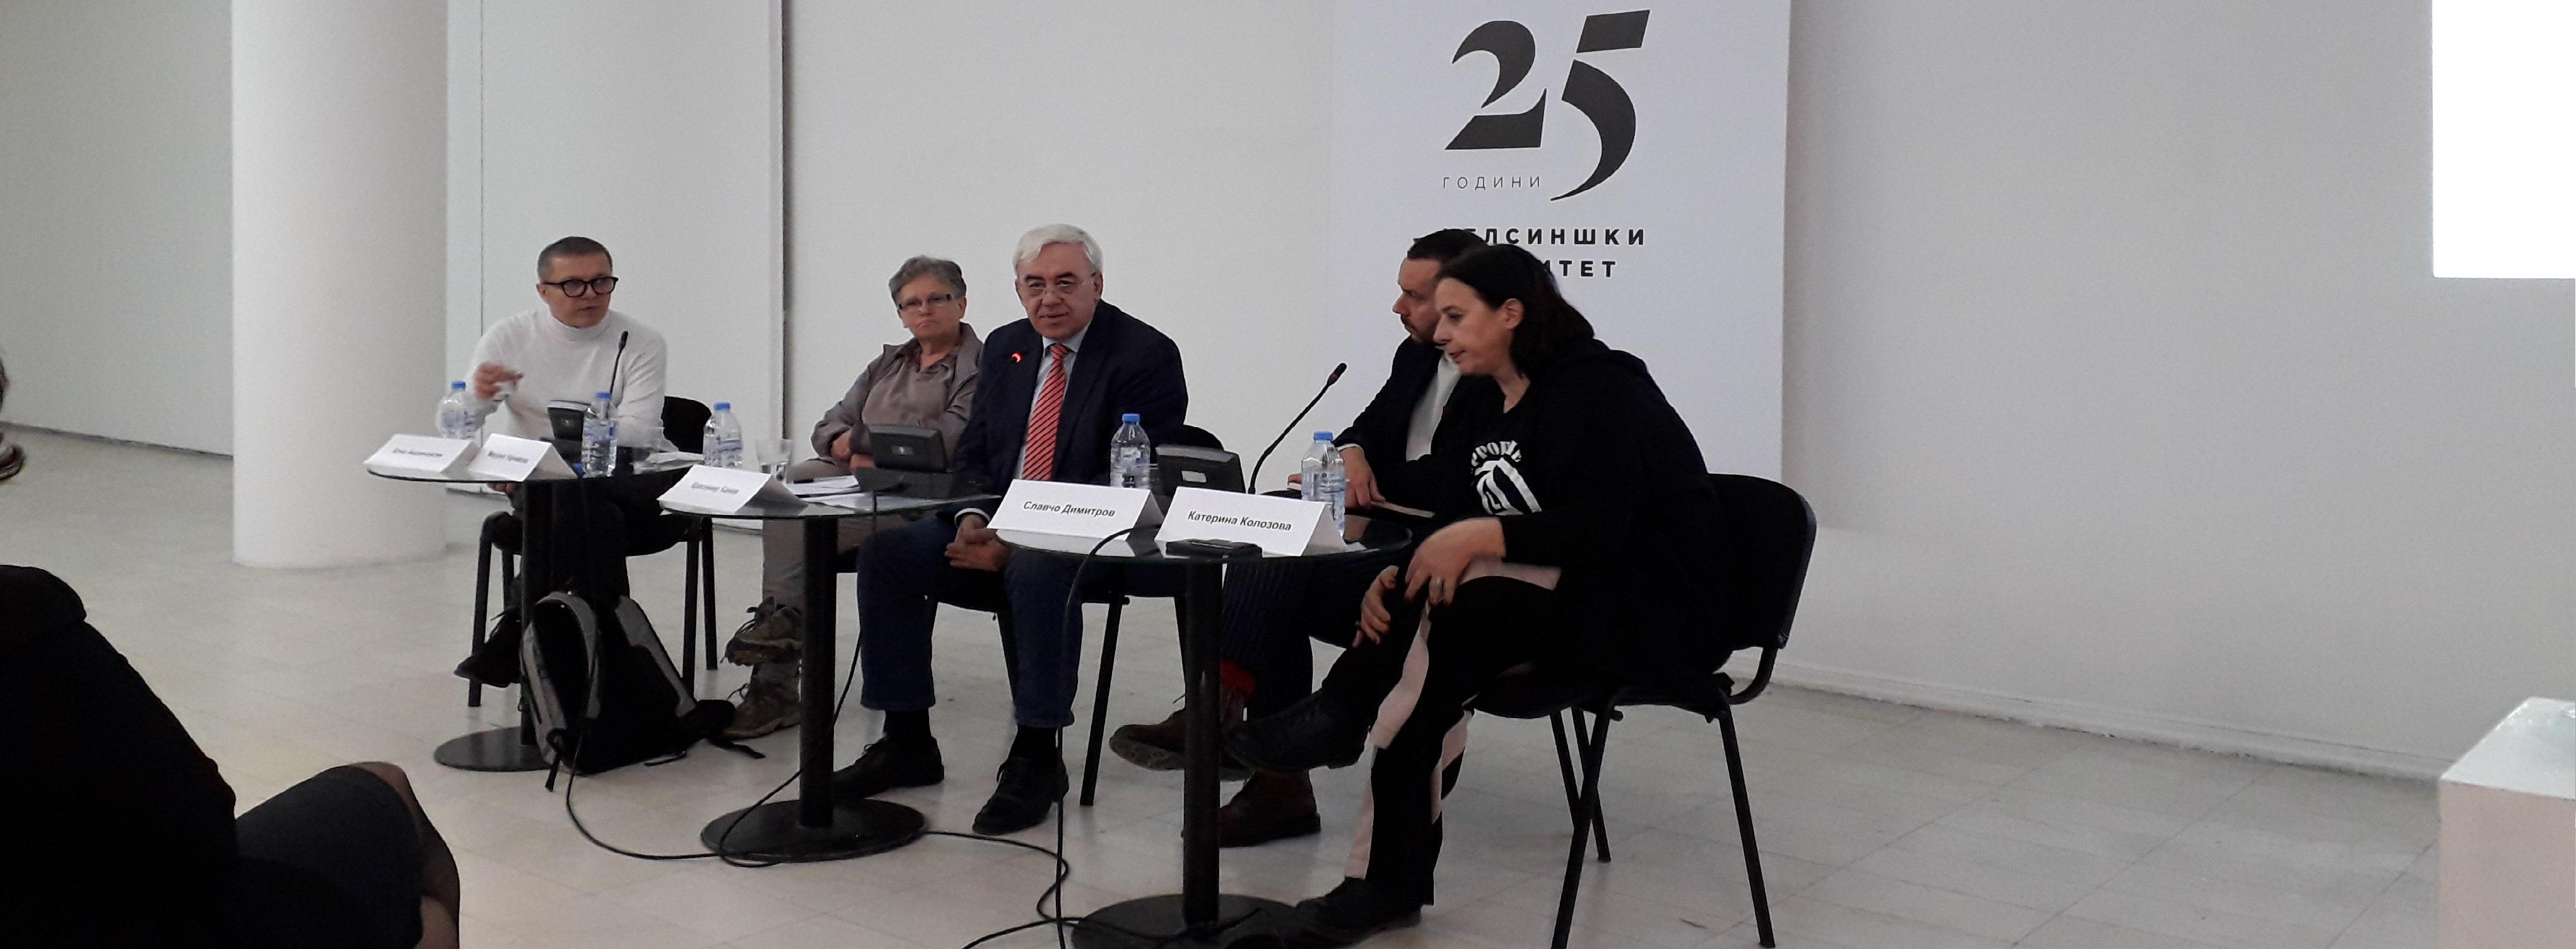 БОЛД участва в отбелязването на 25-тата годишнина от основаването Македонския Хелзинкския комитет С линк към речта на северно-македонския президент по случай юбилея